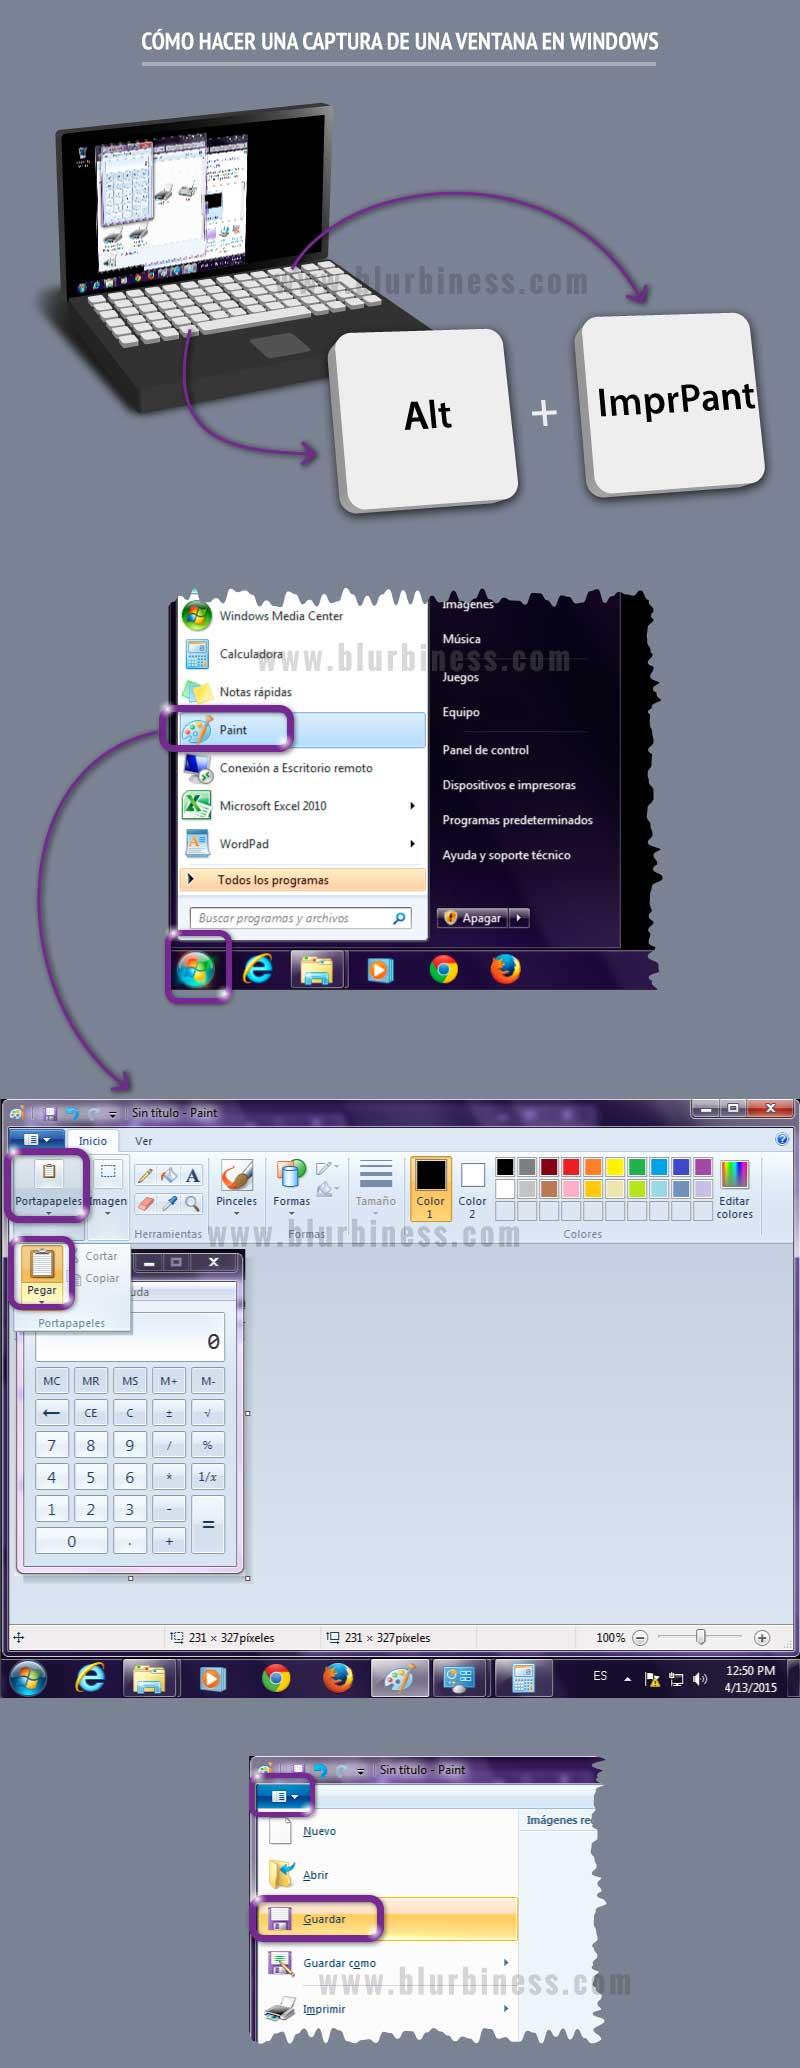 Cómo hacer una captura de una ventana en Windows